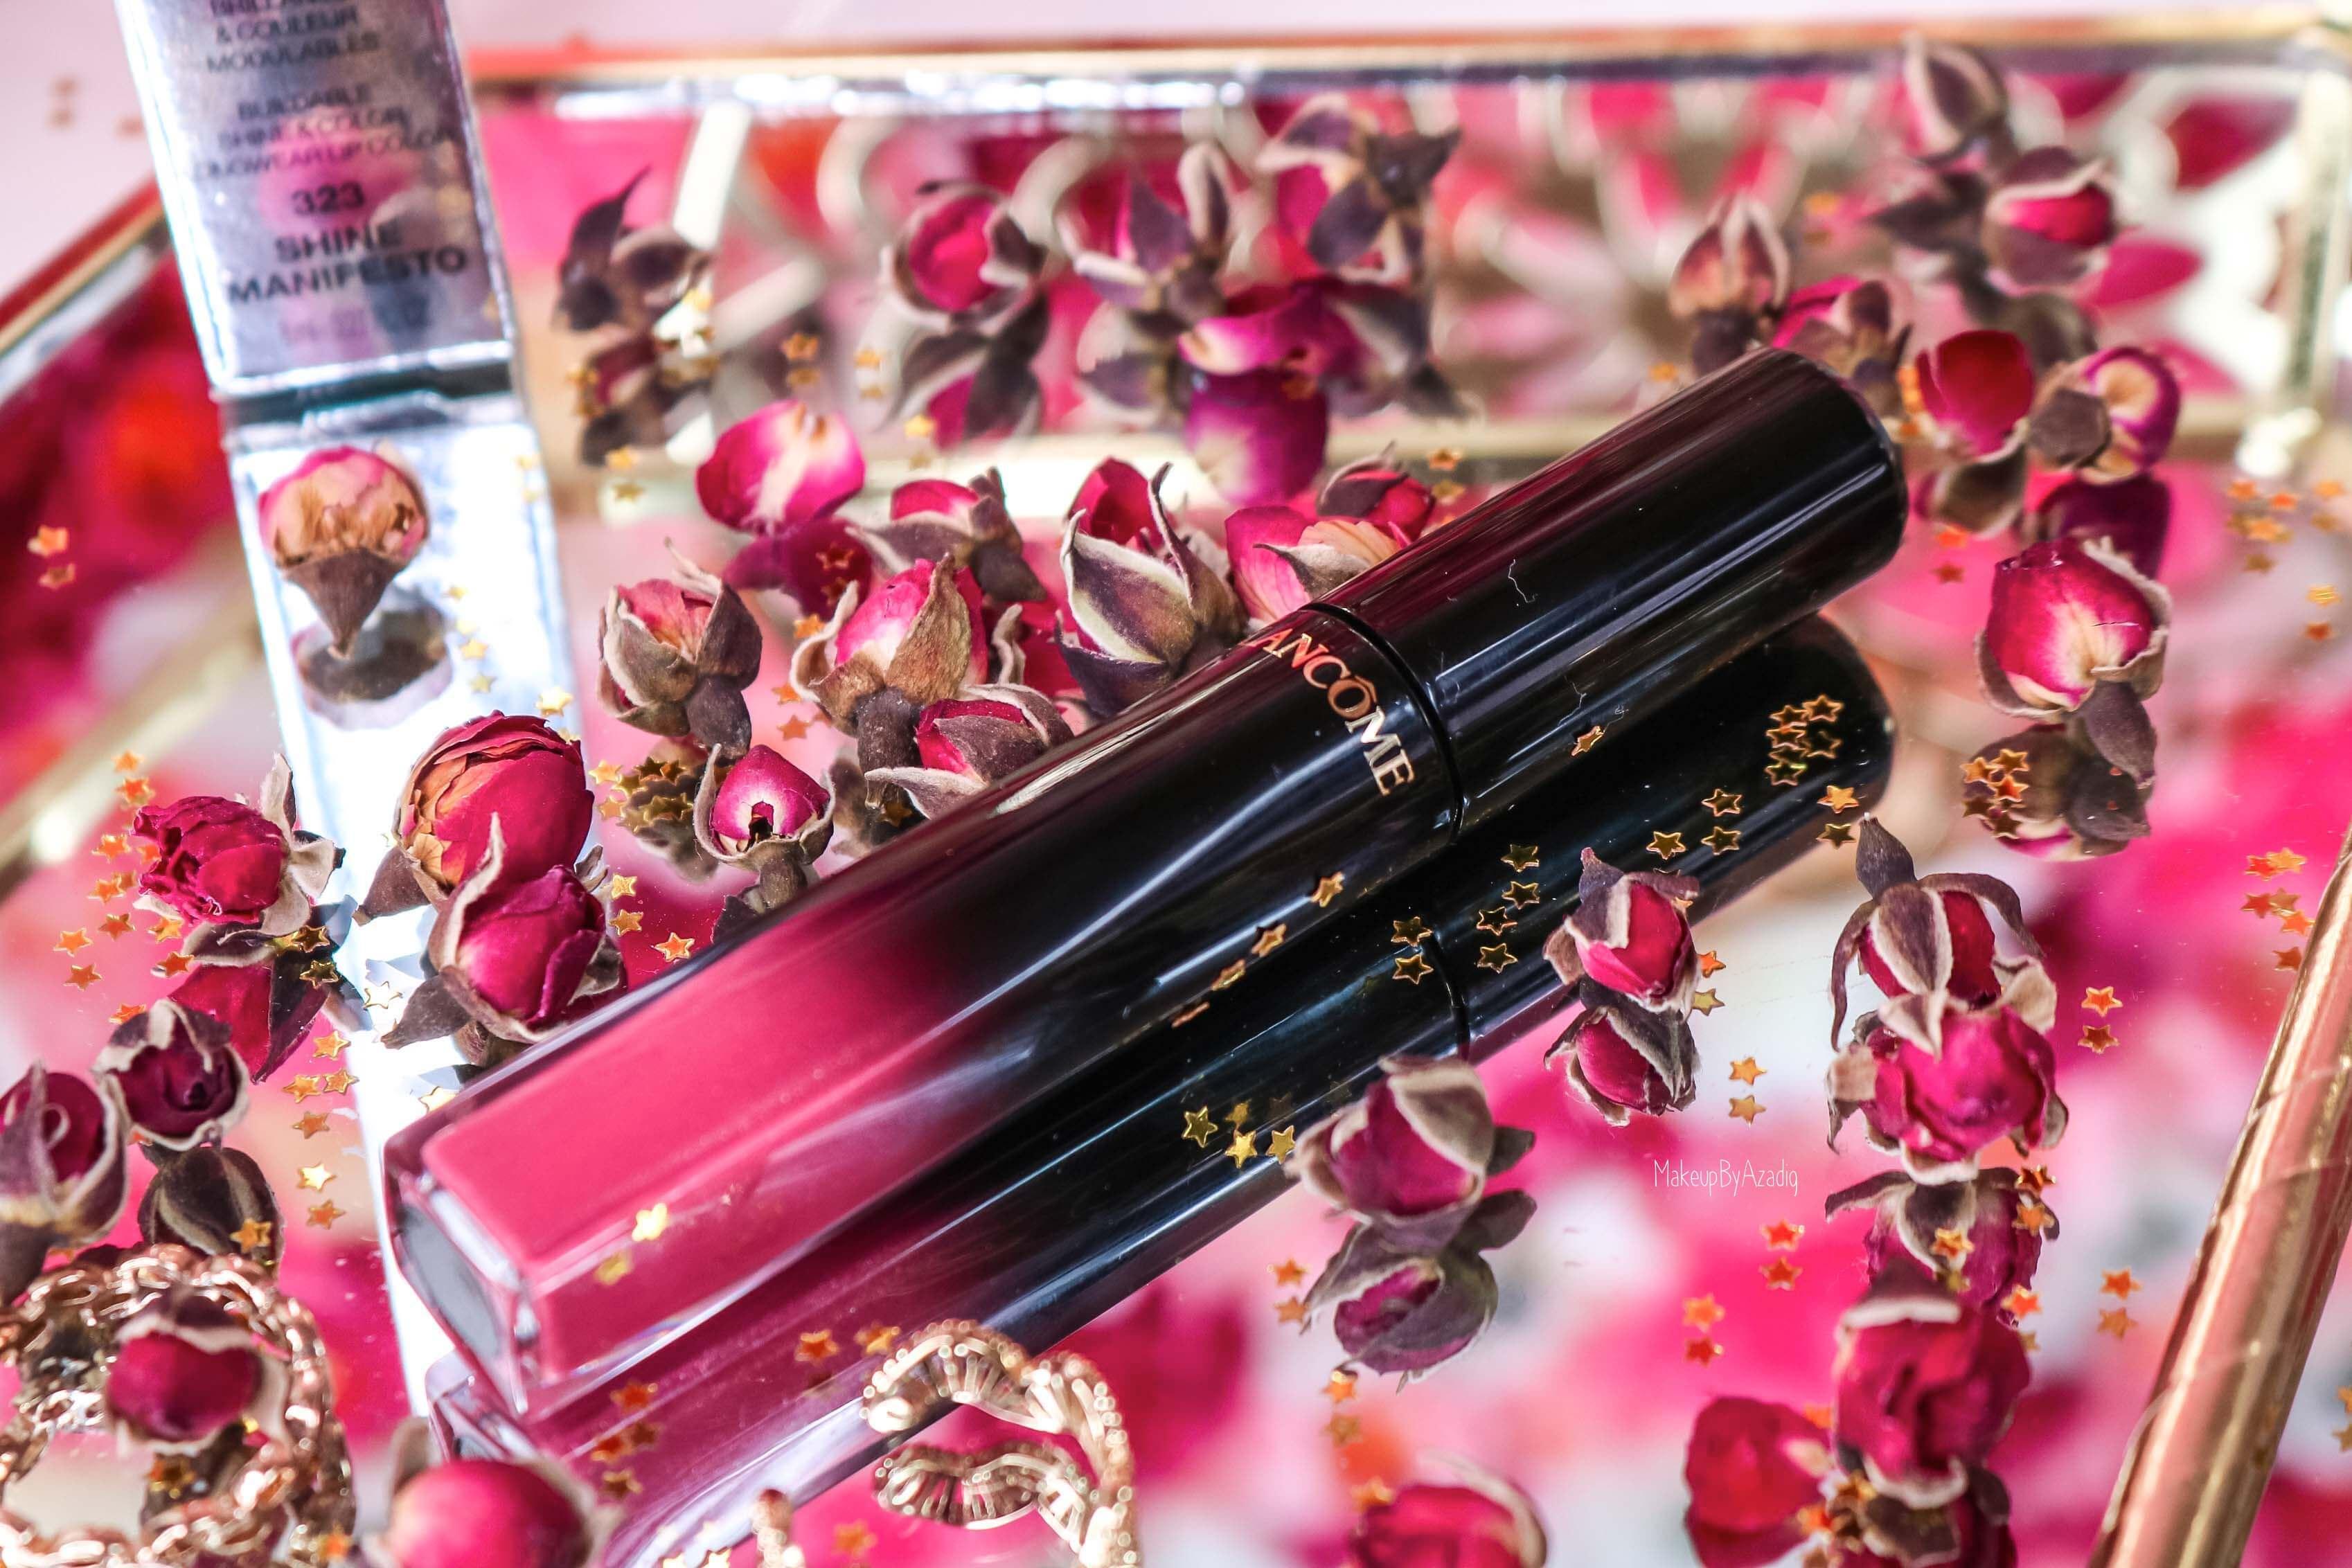 revue-lacque-a-levres-absolu-lacquer-lancome-shine-manifesto-323-sephora-avis-prix-tenue-makeupbyazadig-swatch-fleurs